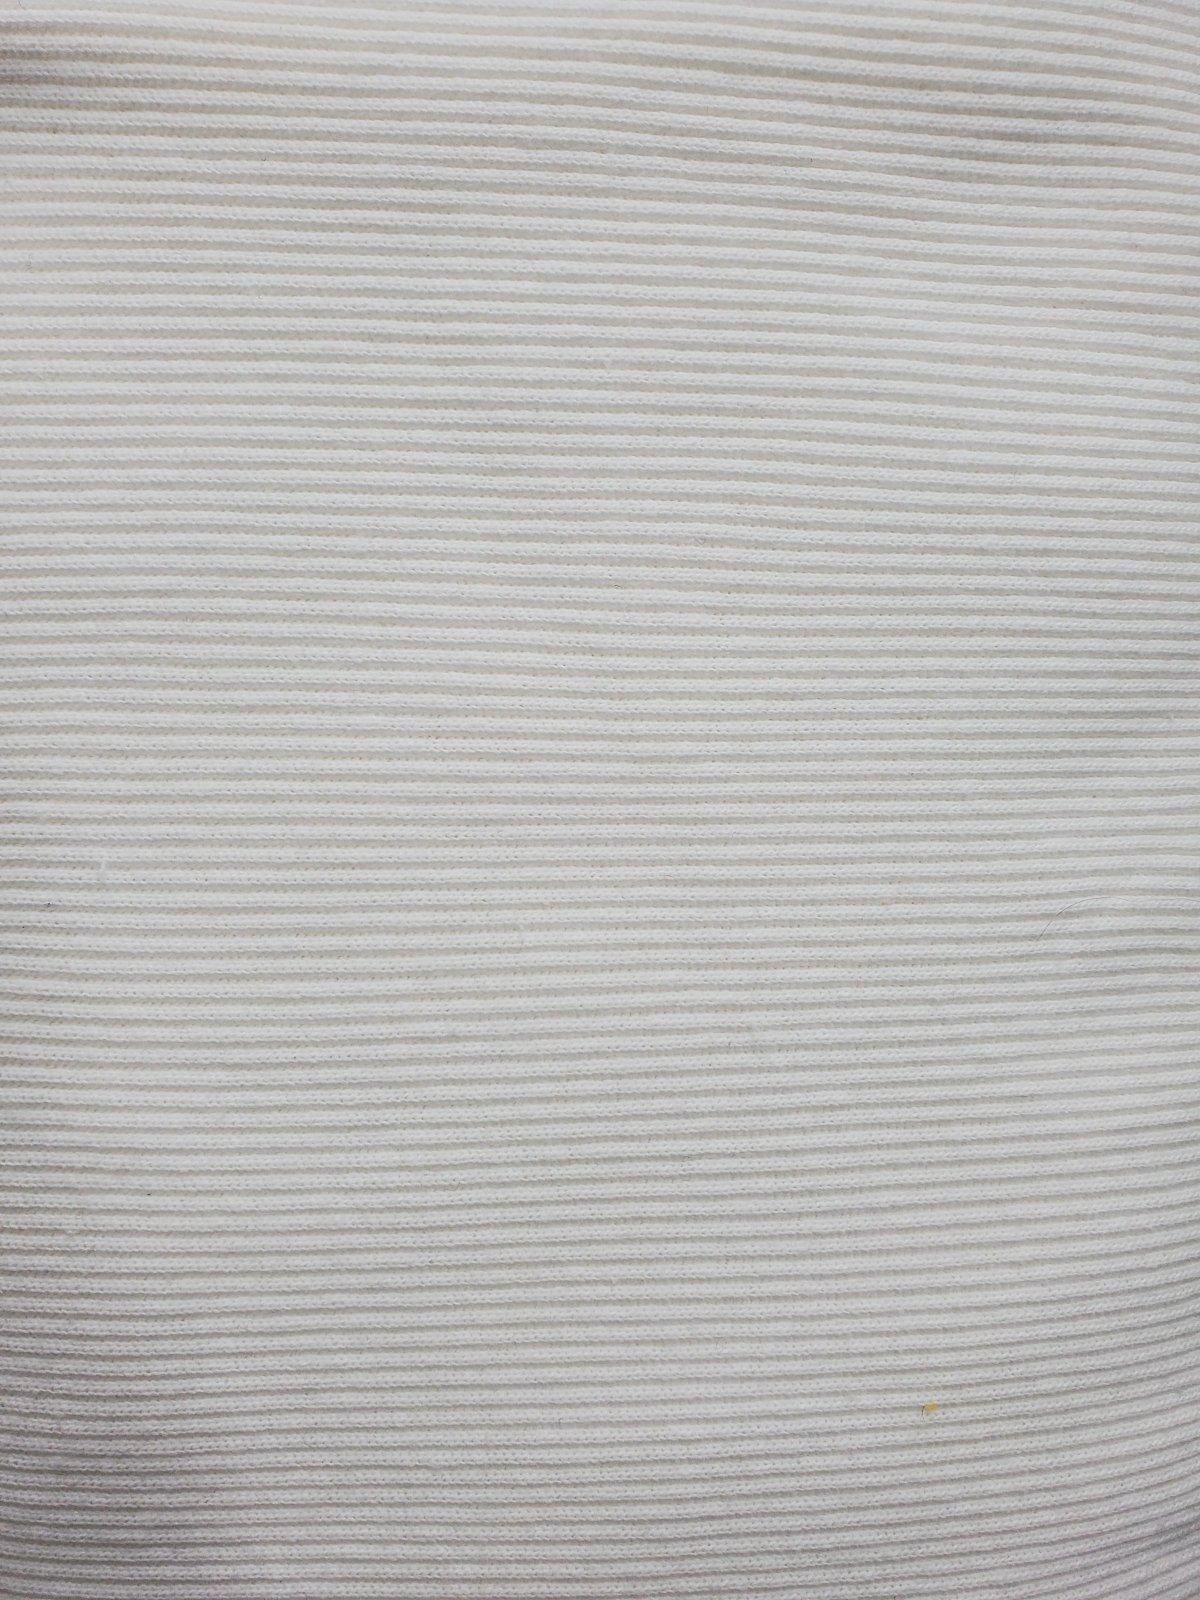 Siltex White Bubble Rib Knit 20-1910-WHTE